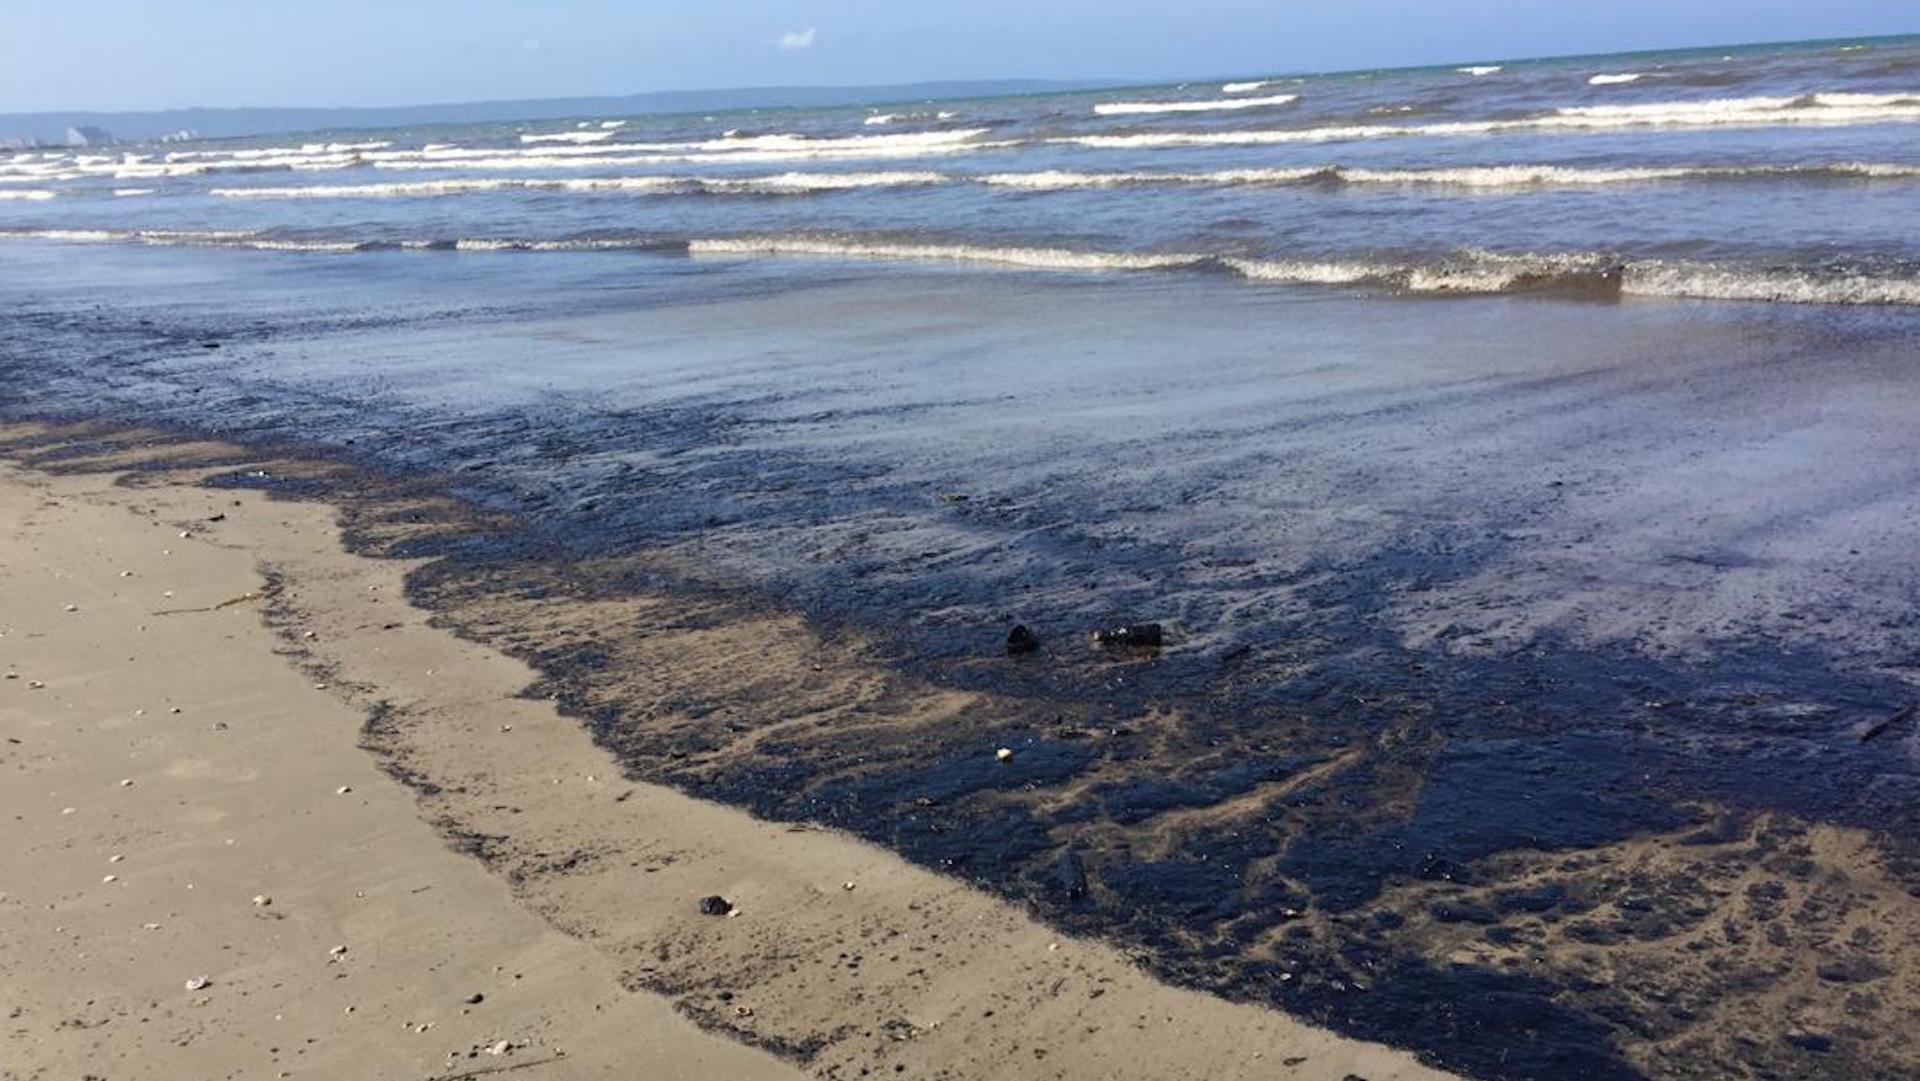 Las deudas ambientales de Venezuela en 2020: Arco Minero en ríos, mares de petróleo y nuevos focos de tala ilegal